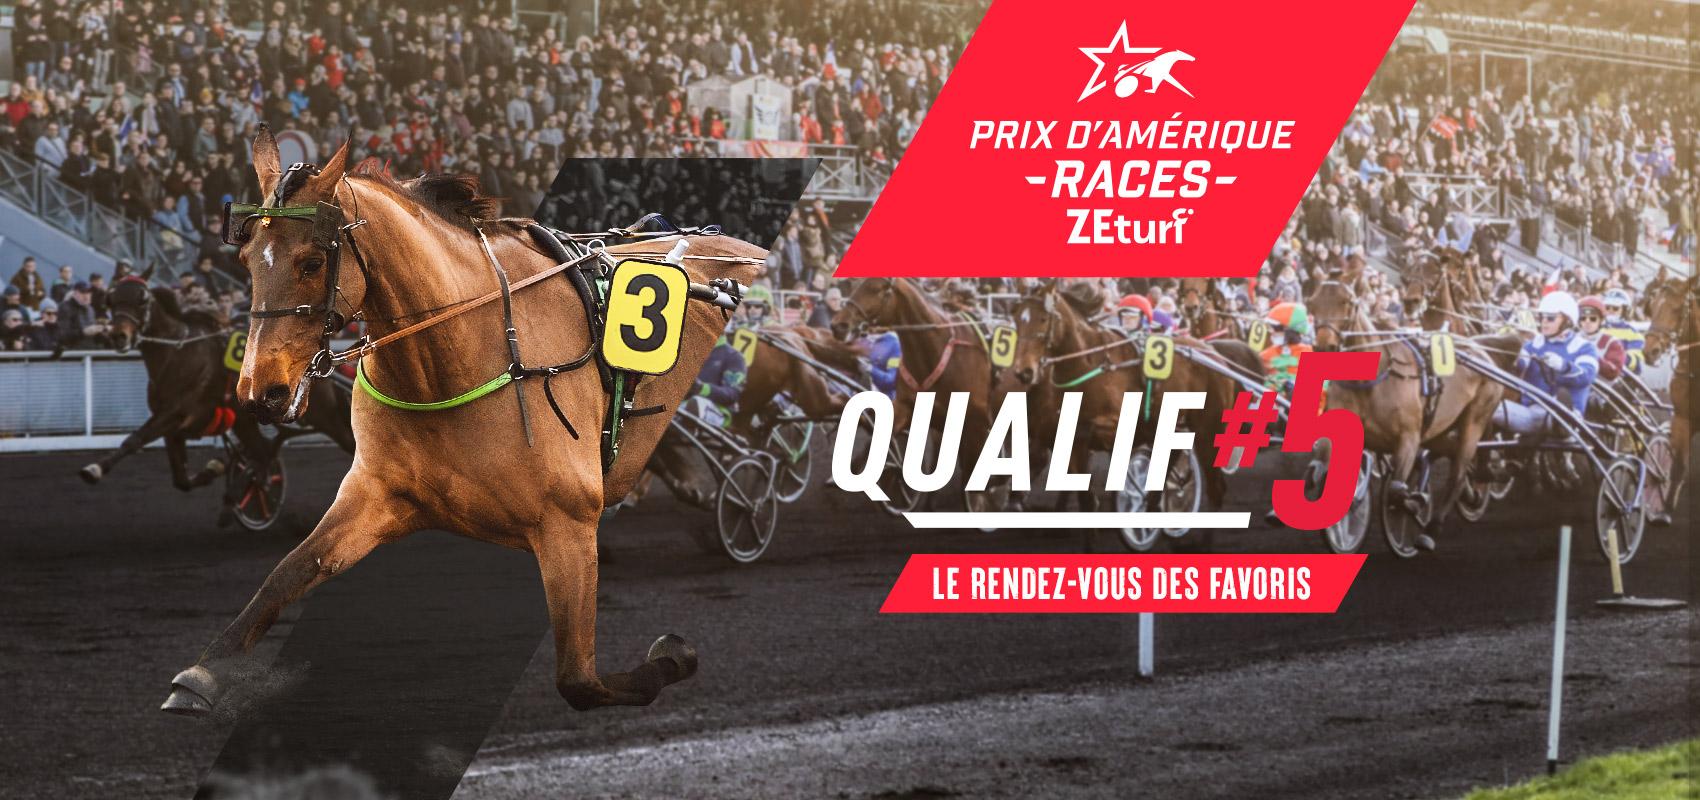 Les engagés du Prix d'Amérique Races ZEturf QUALIF #5